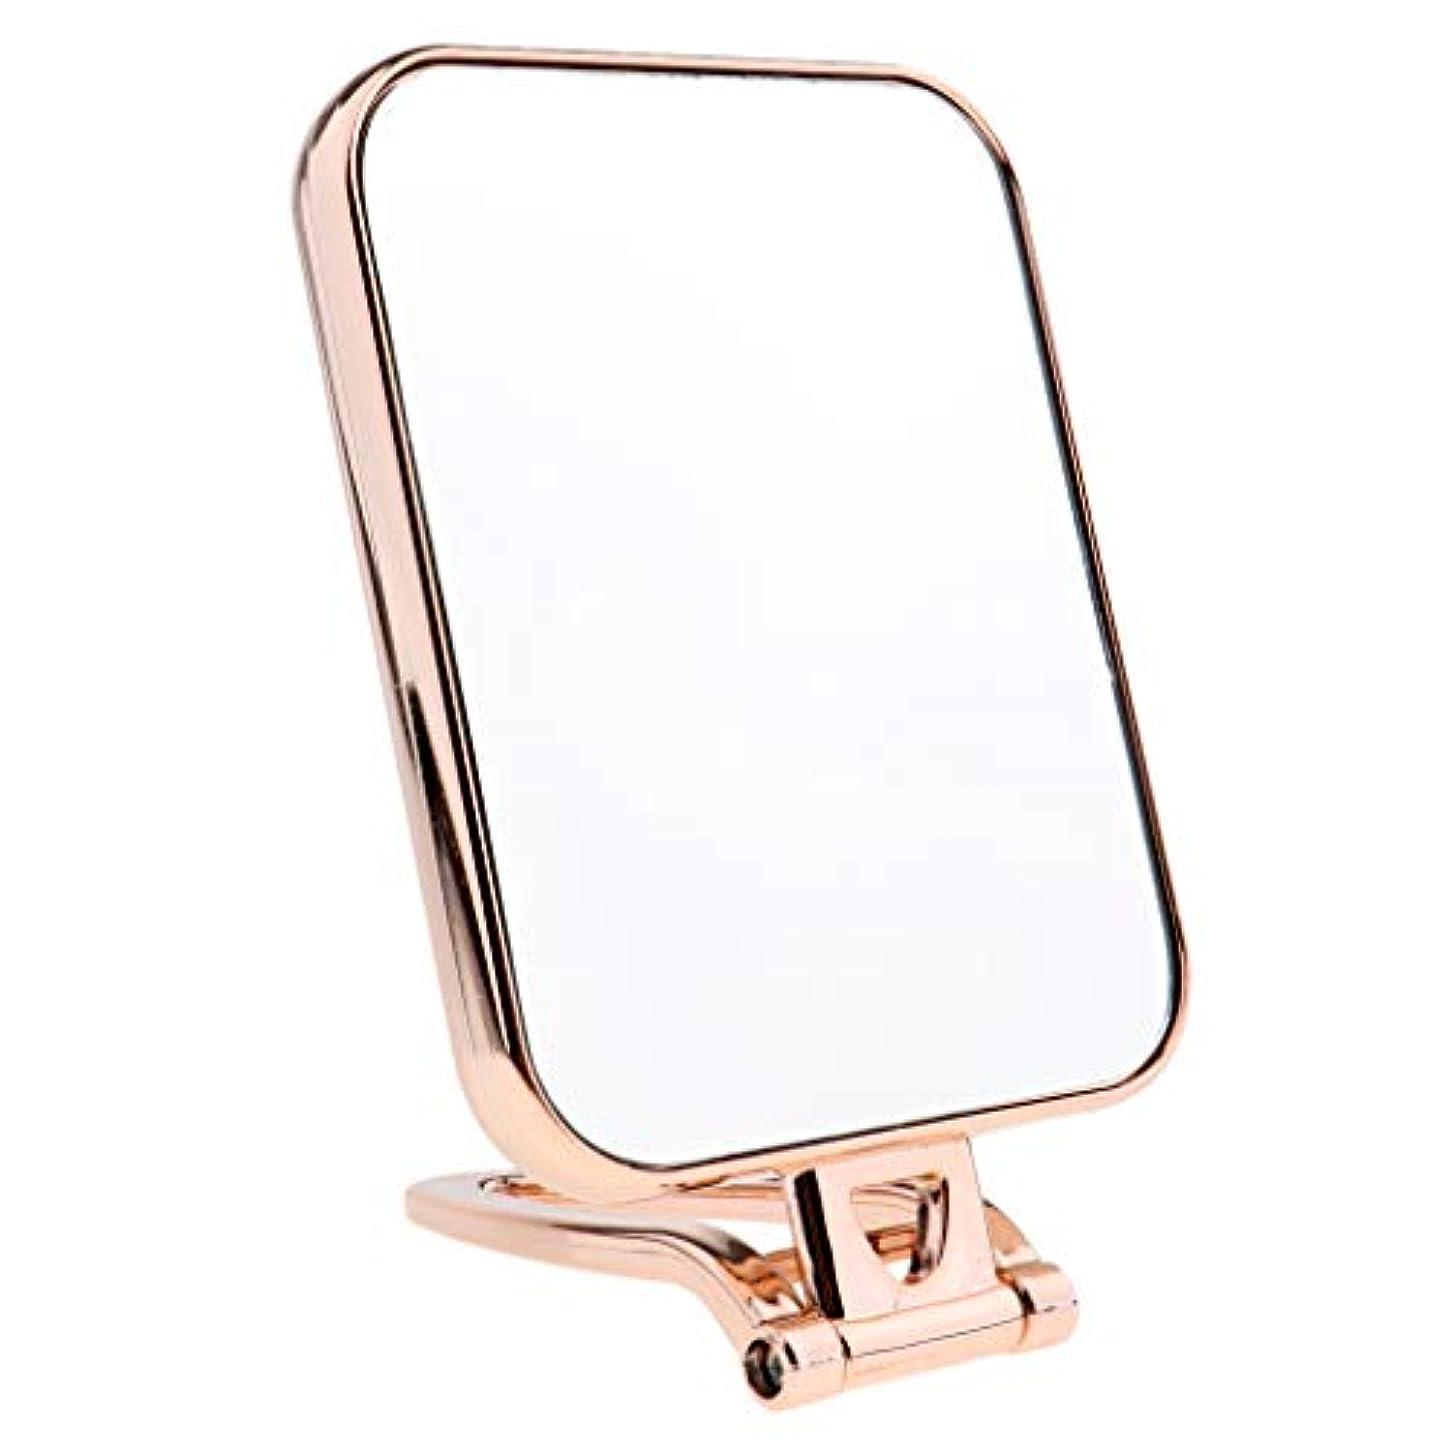 することになっているマーキー乱れ3色選択 スクエア 化粧鏡 化粧台ミラー スタンド付き 卓上ミラー 両面ミラー 両面鏡 - ゴールド